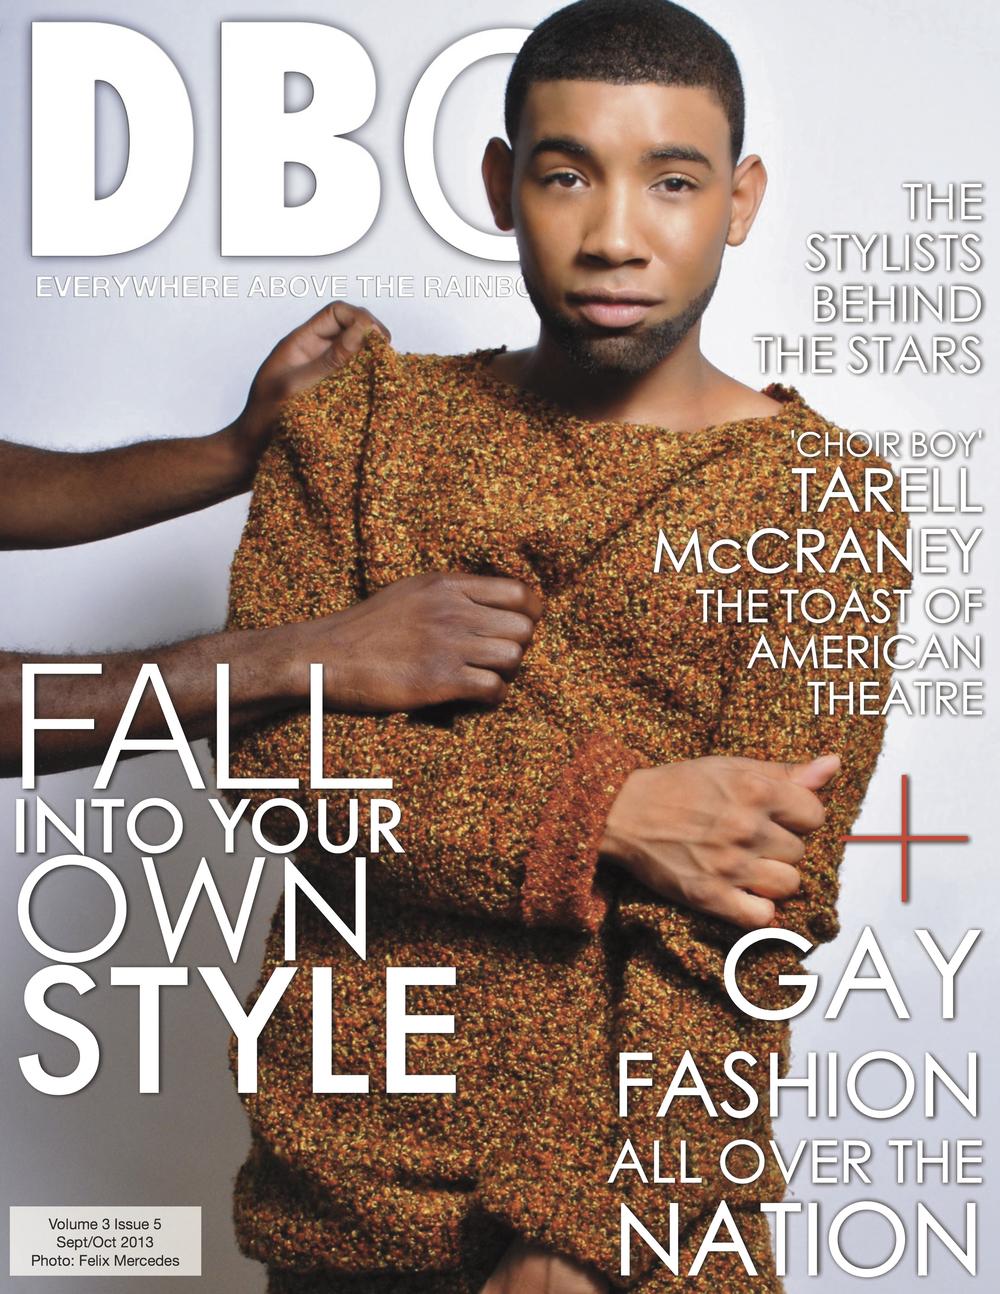 9668 DBQ Magazine PORTAL.jpg